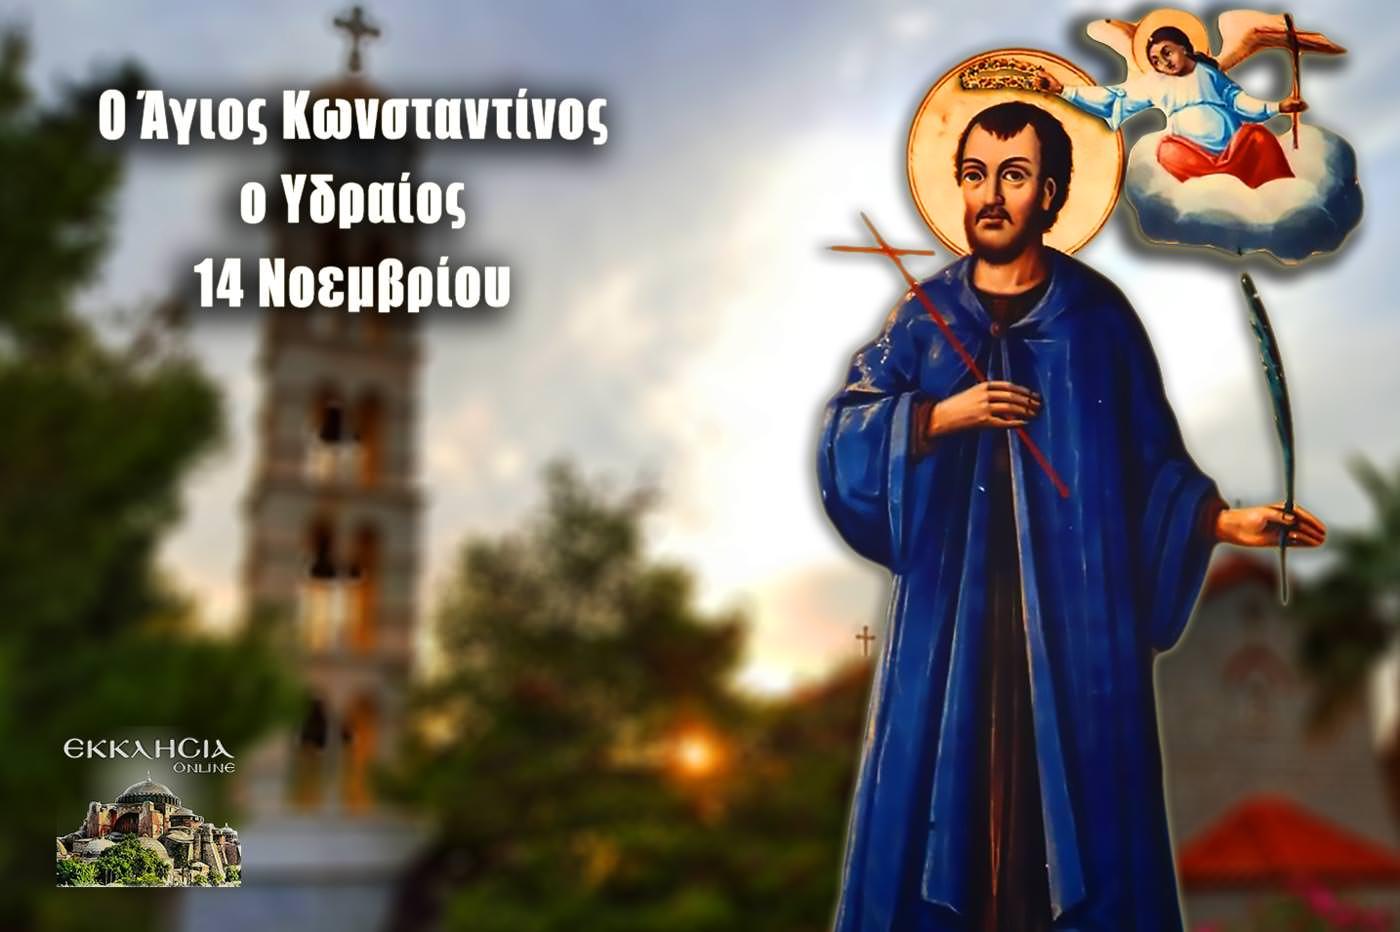 Άγιος Κωνσταντίνος Υδραίος 14 Νοεμβρίου